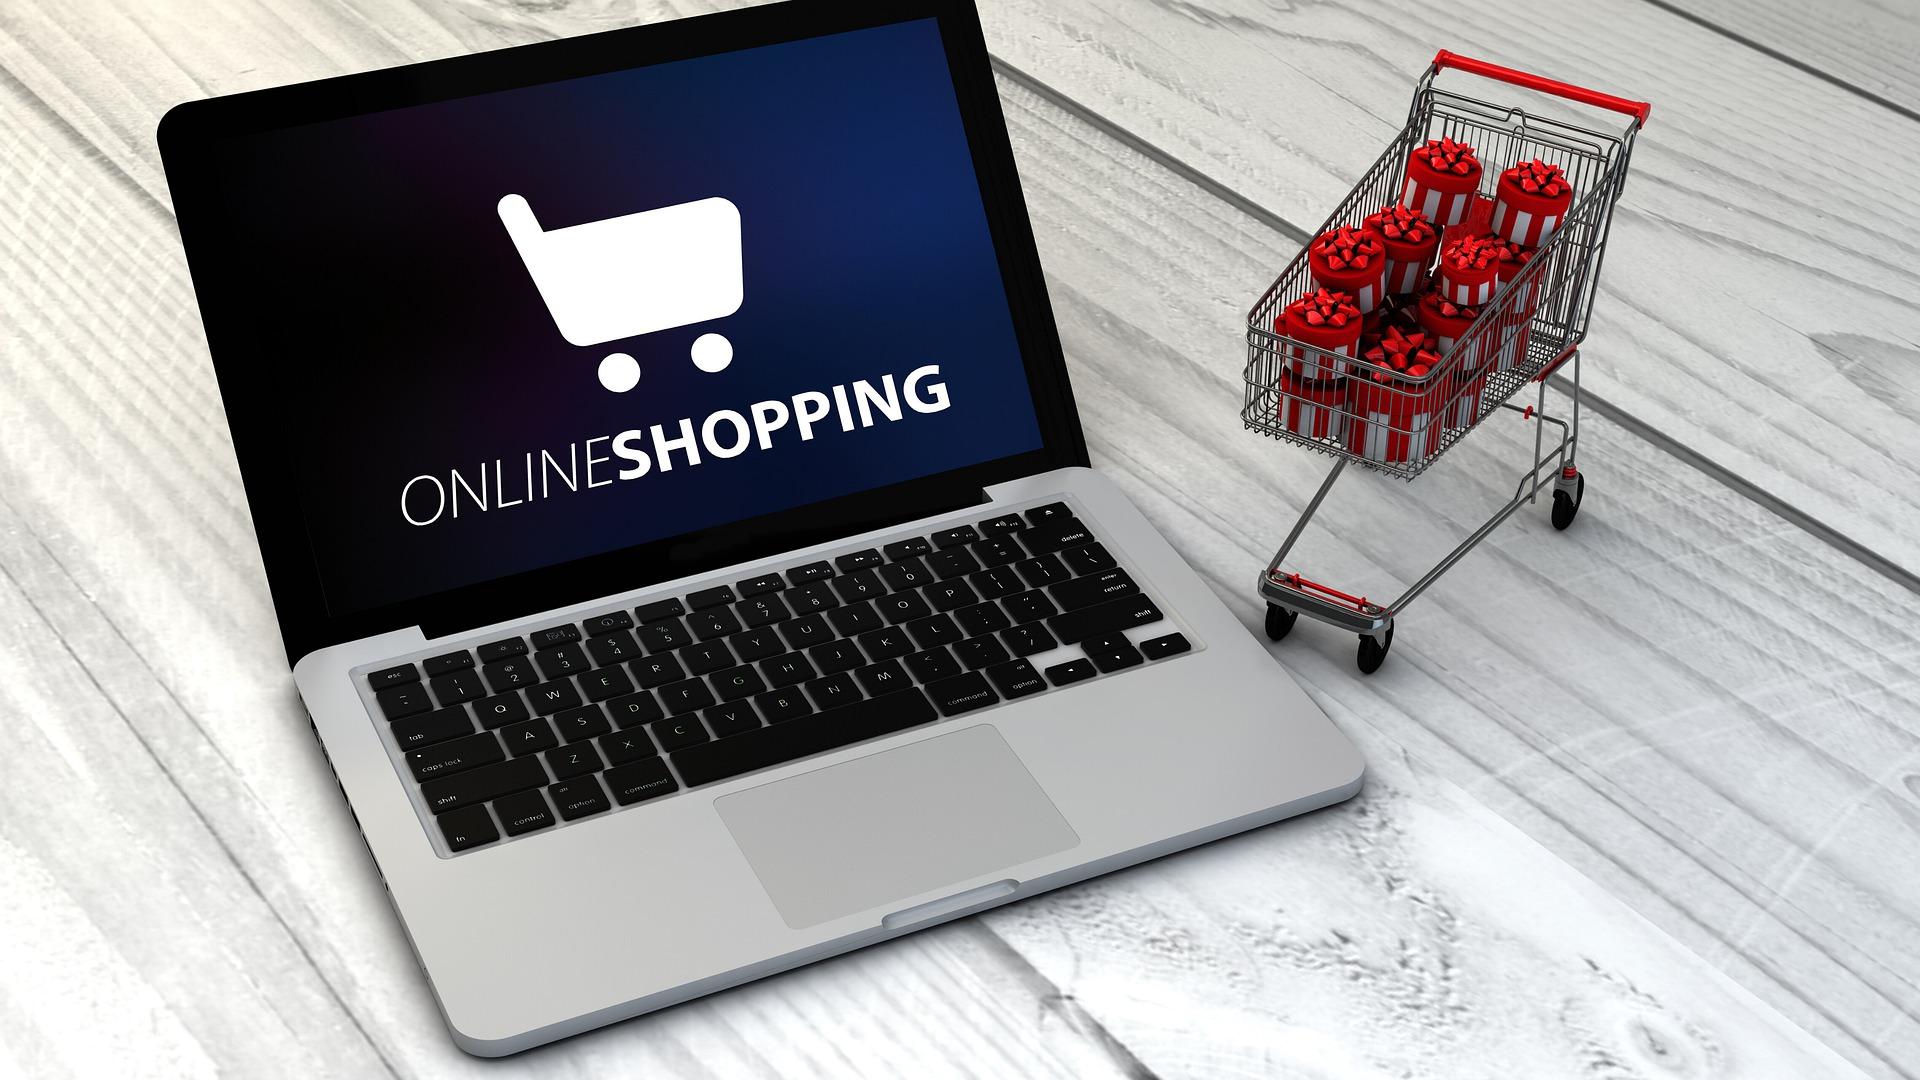 הקמת חנות מקוונת: כמה זה יעלה לכם?